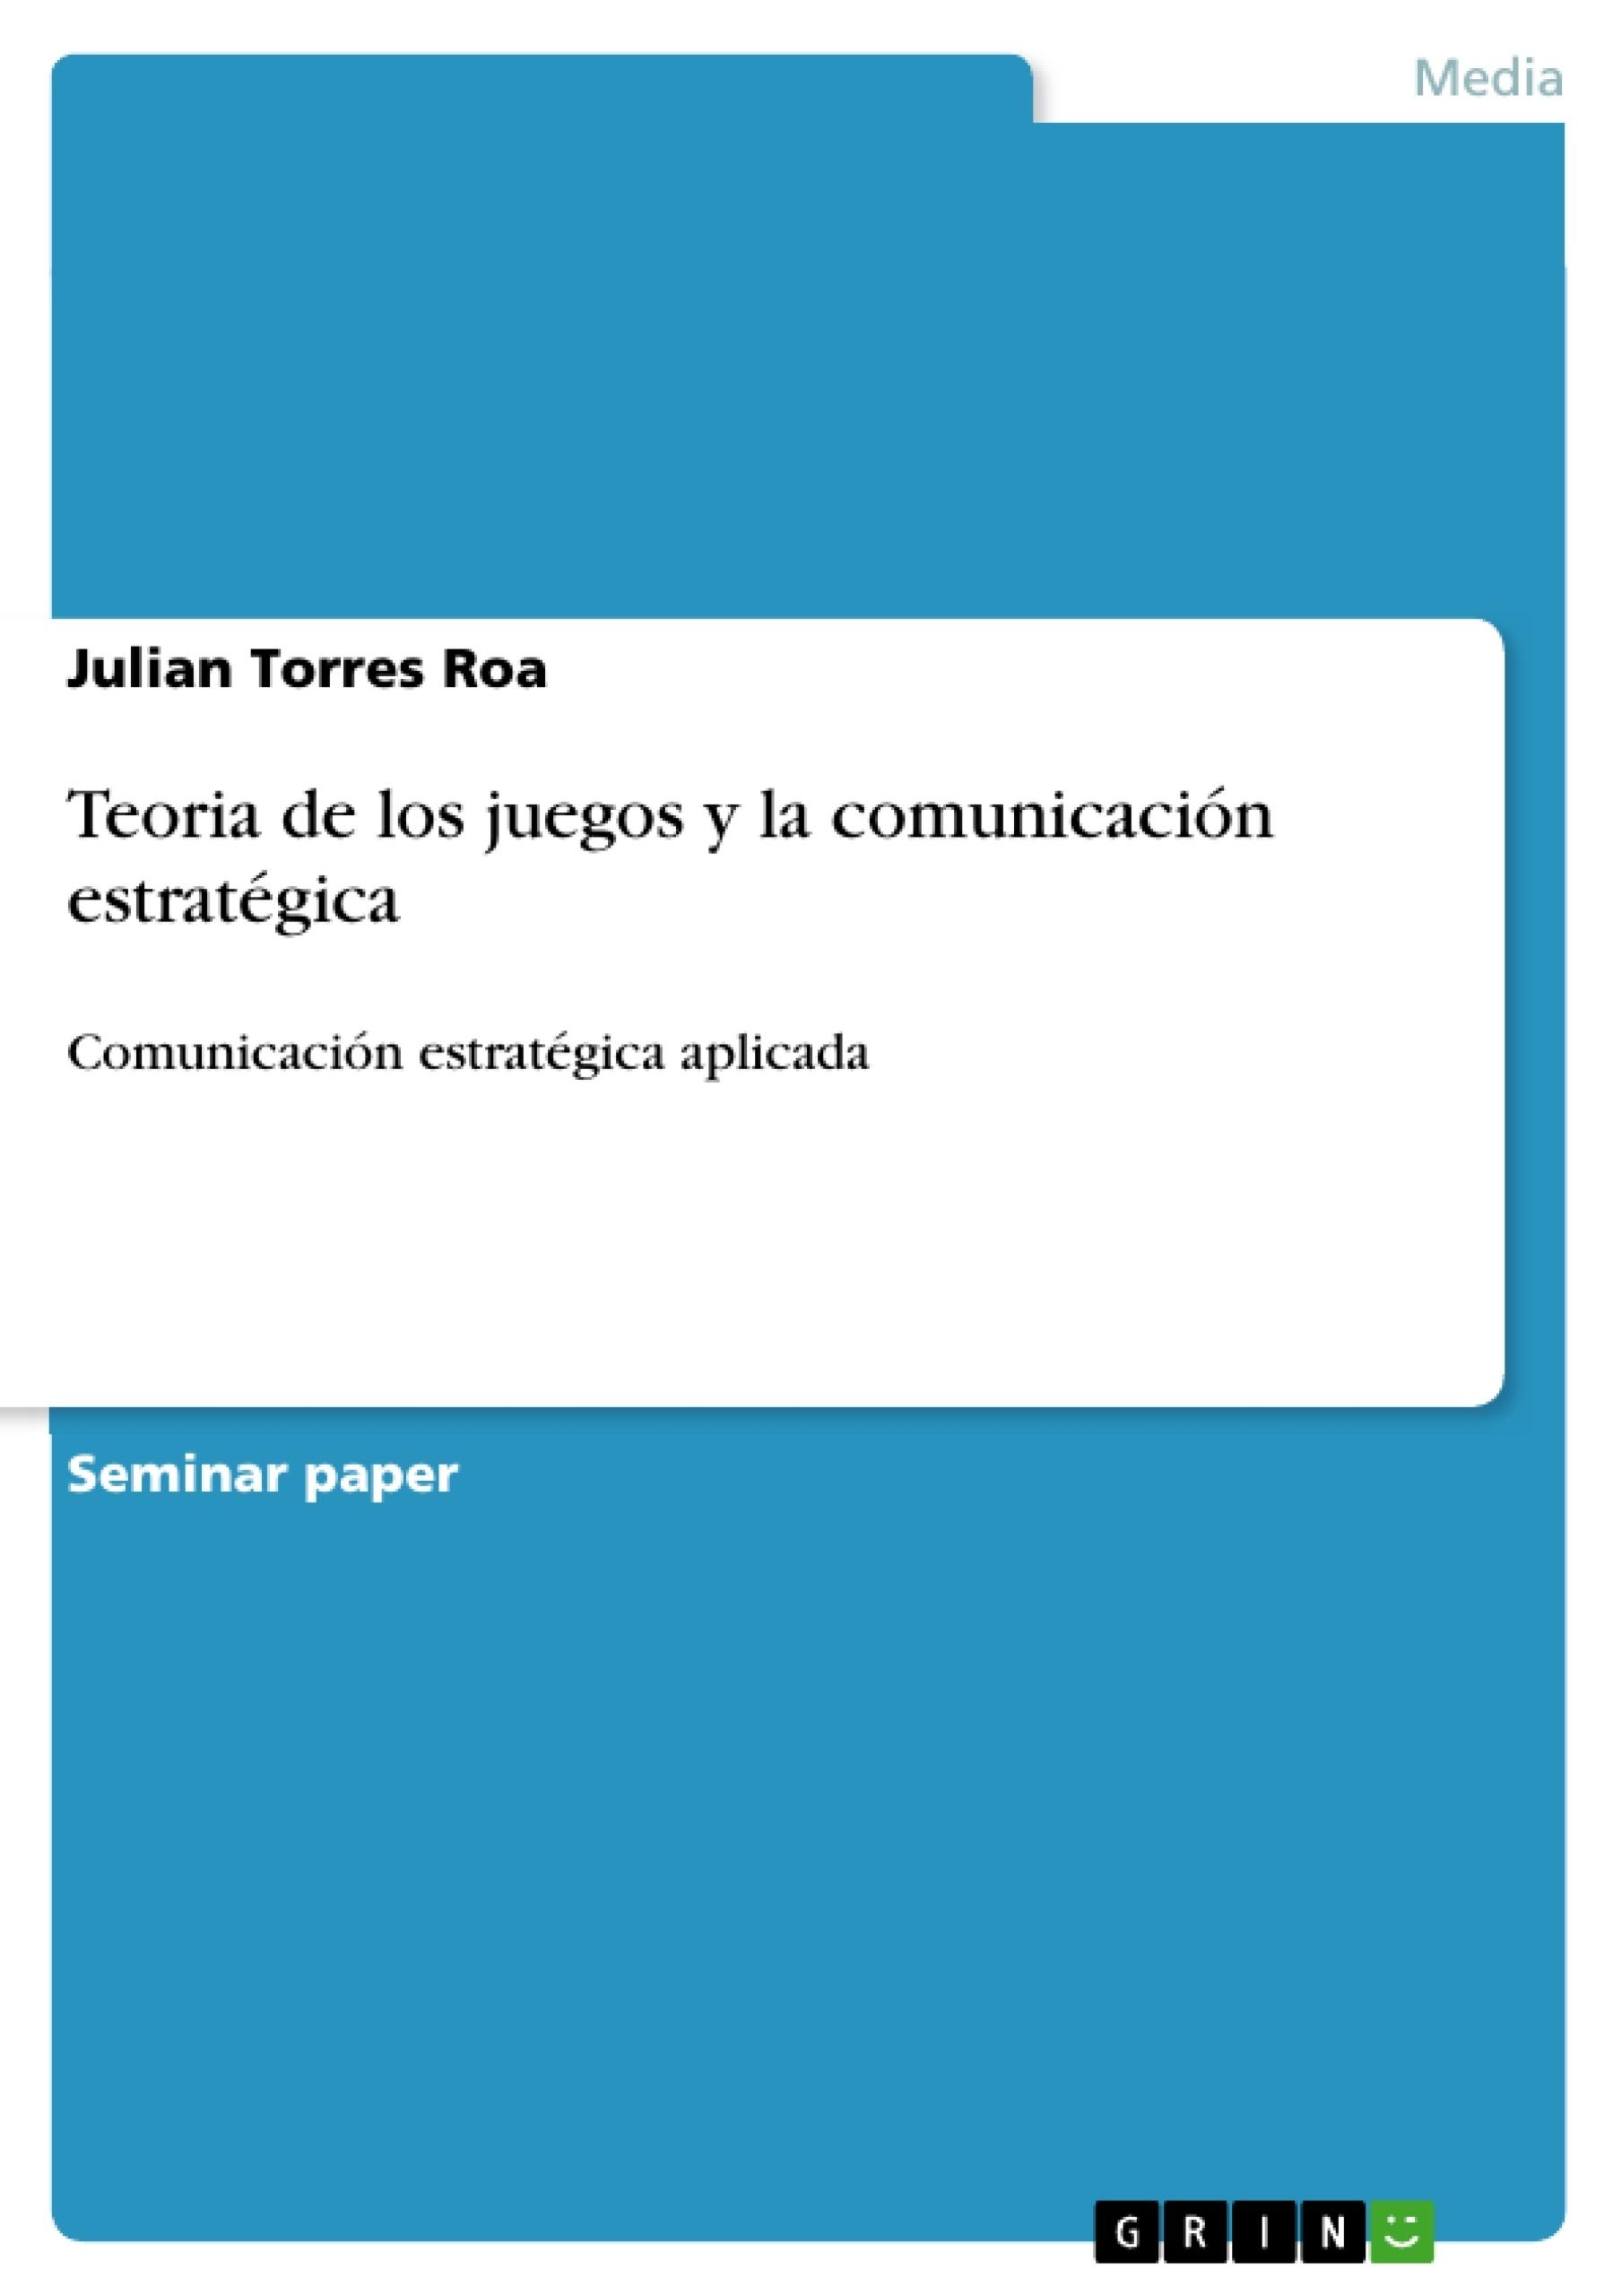 Título: Teoria de los juegos y la comunicación estratégica